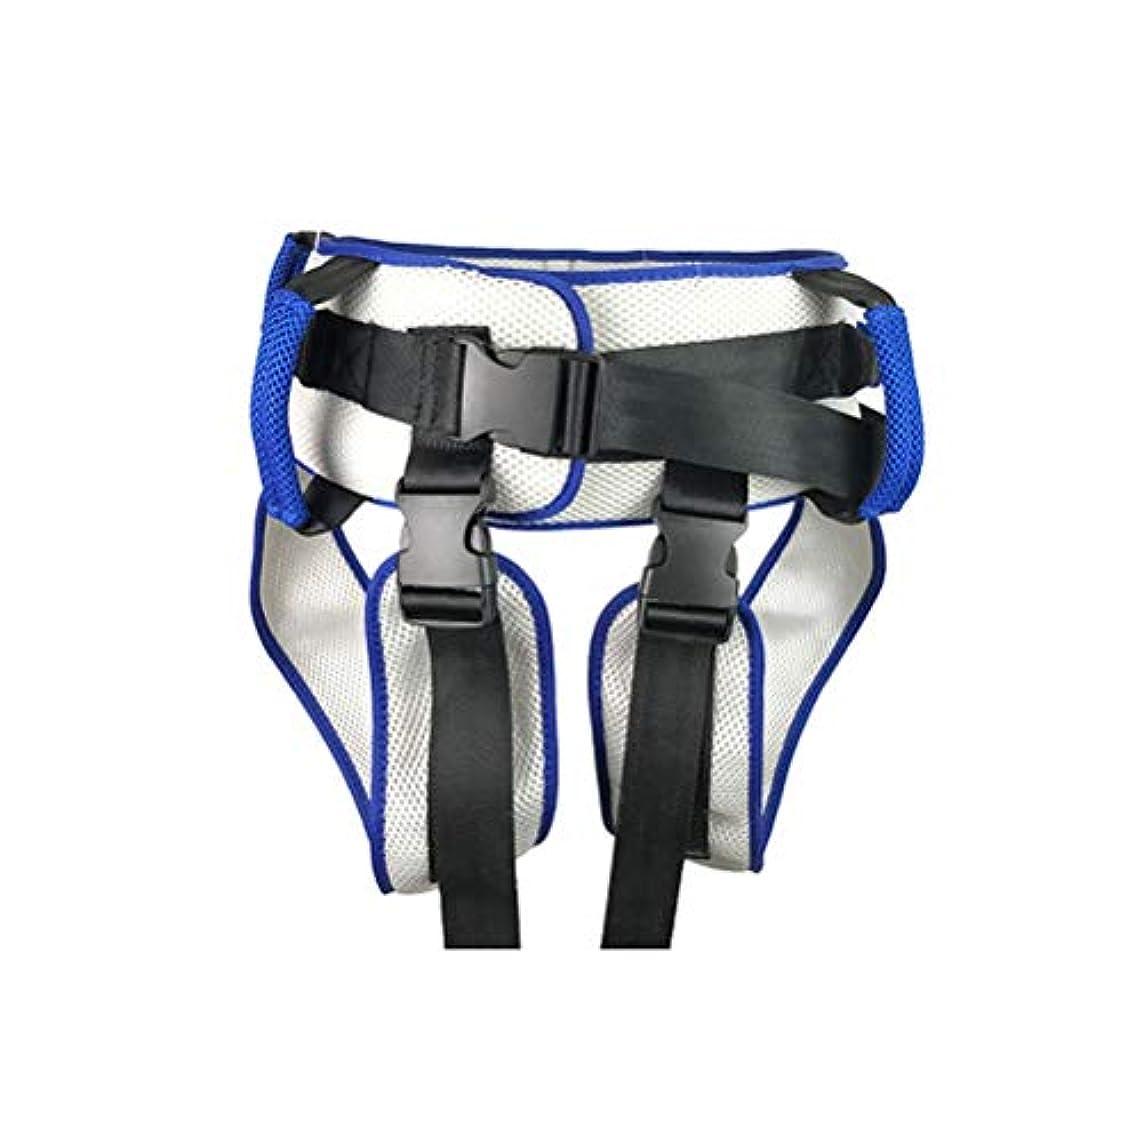 結び目観察するシロナガスクジラHEALLILY 足のループ付きHEALLILYトランスファーベルト患者補助トランスファースリングリハビリテーションベルト下肢歩行立ちトレーニング用具(青)